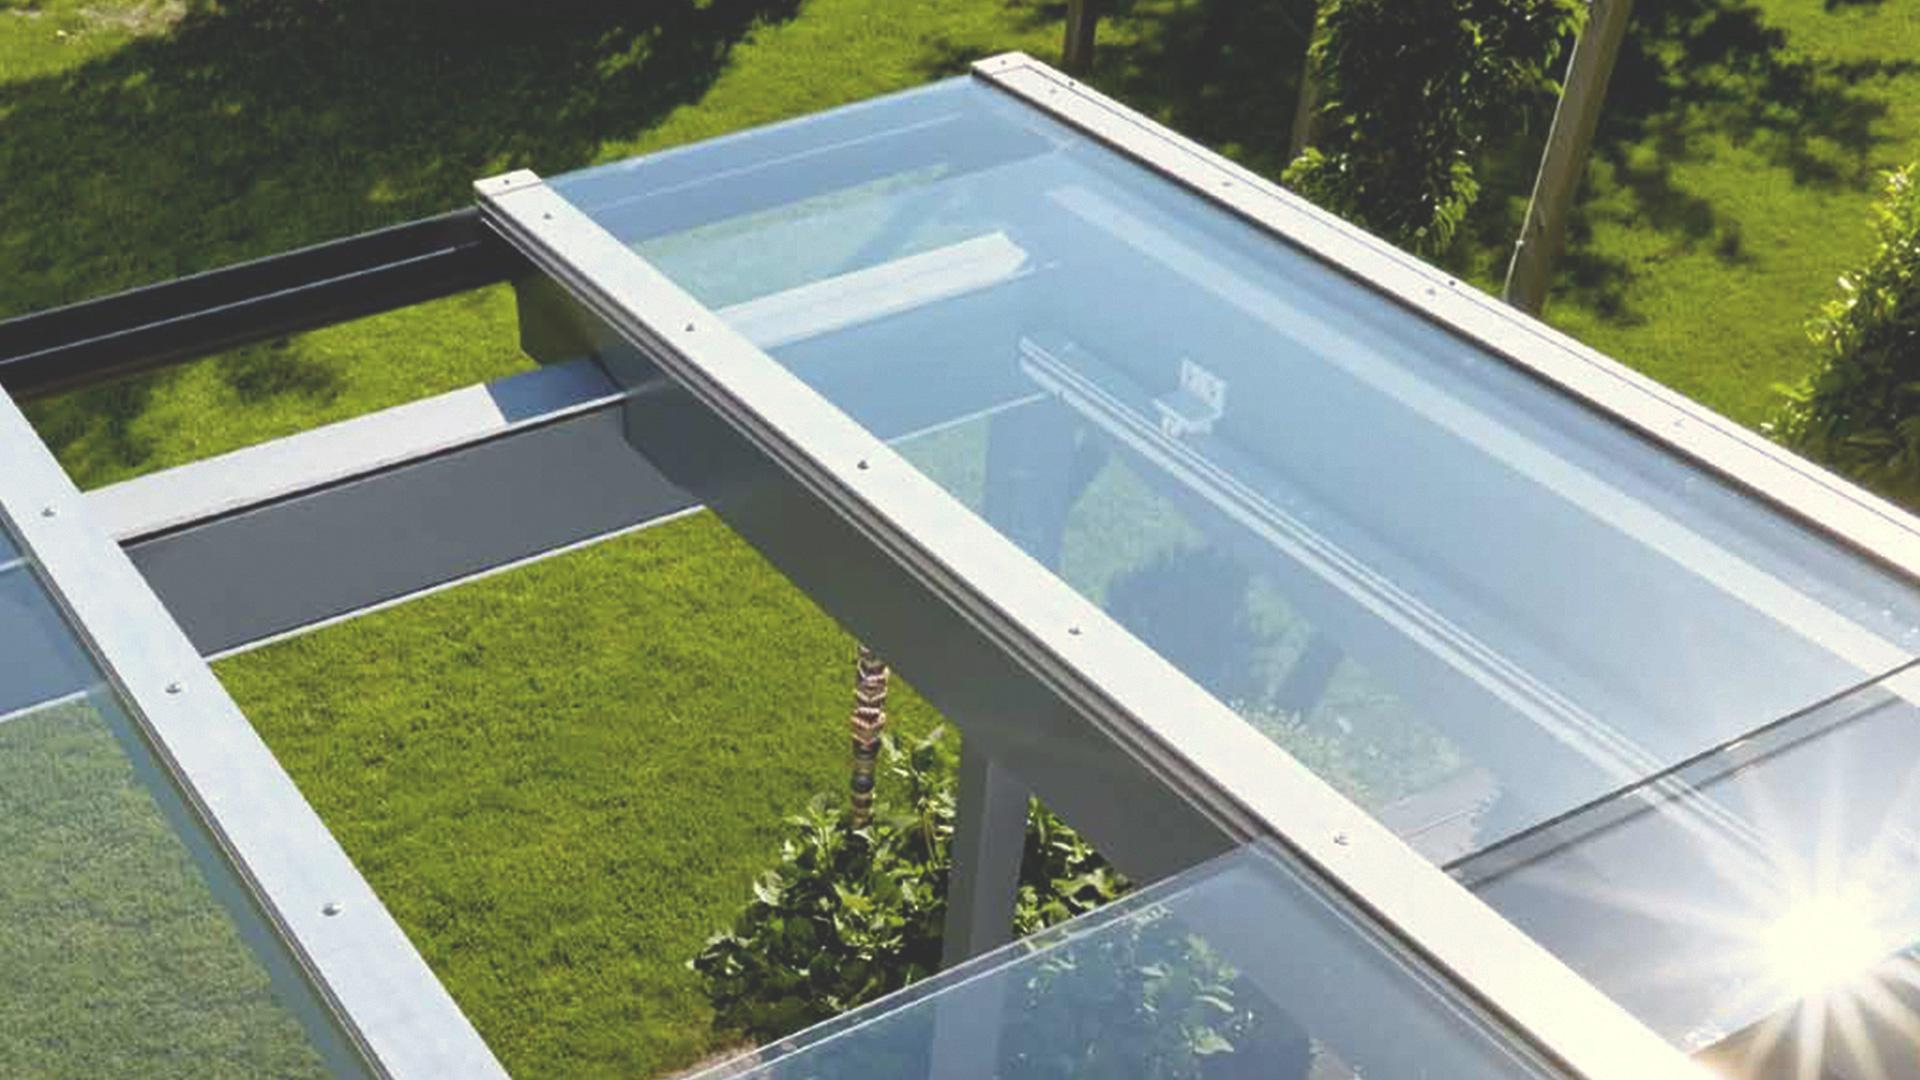 Blick auf ein Terrassendach mit offenem Schiebedach